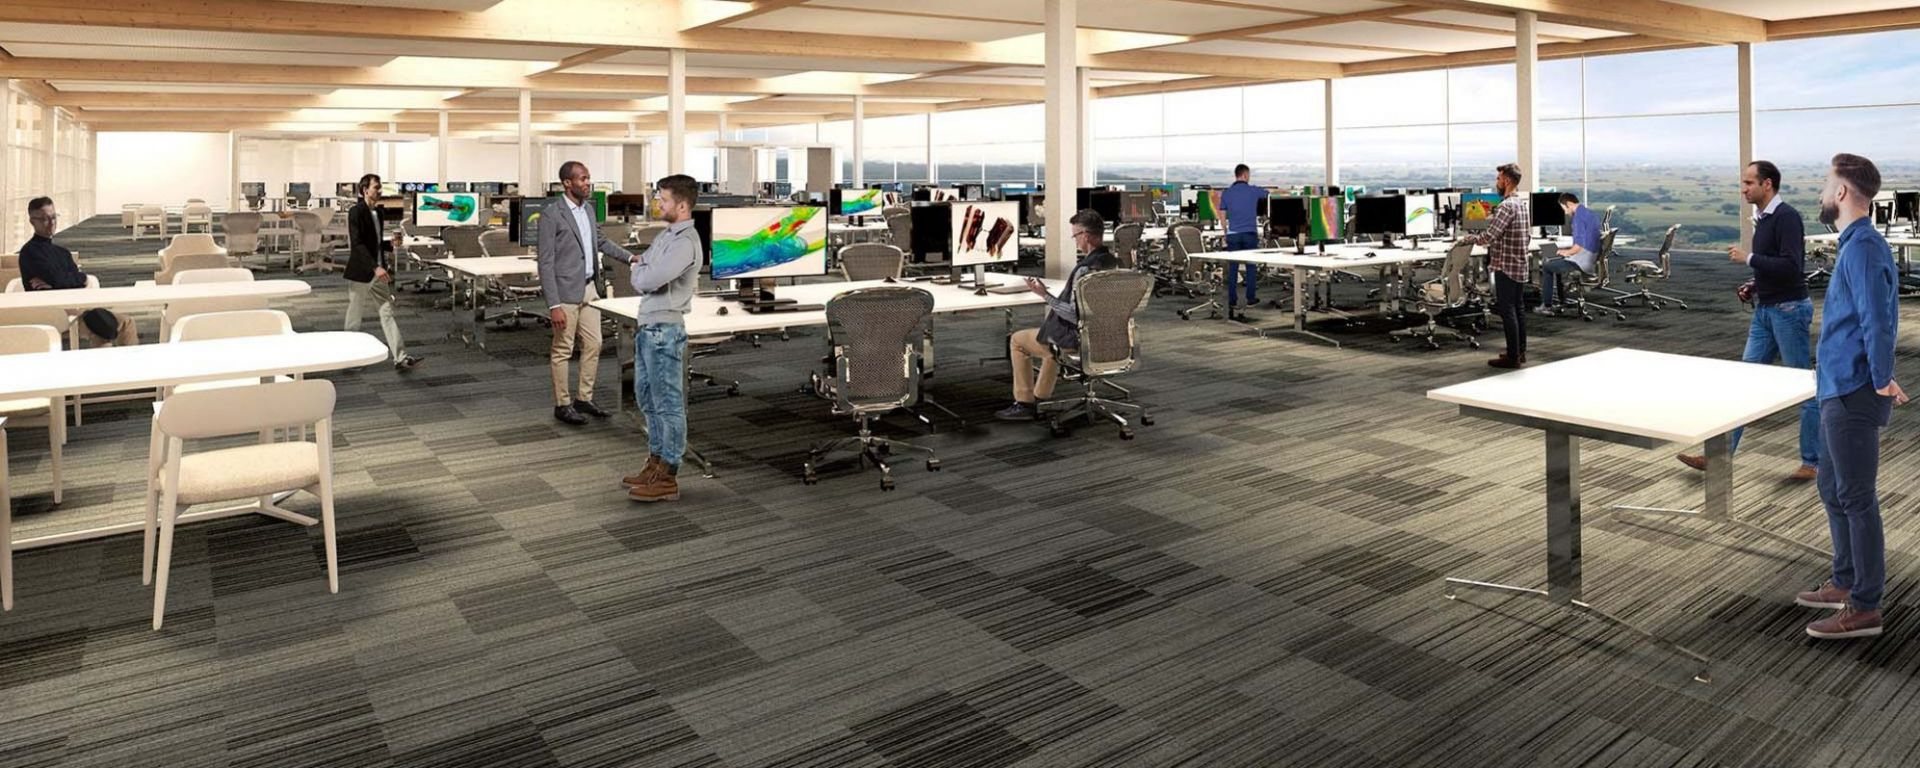 Immagini 3D della nuova futura sede inglese dell'Aston Martin F1 Team | Foto 1/3